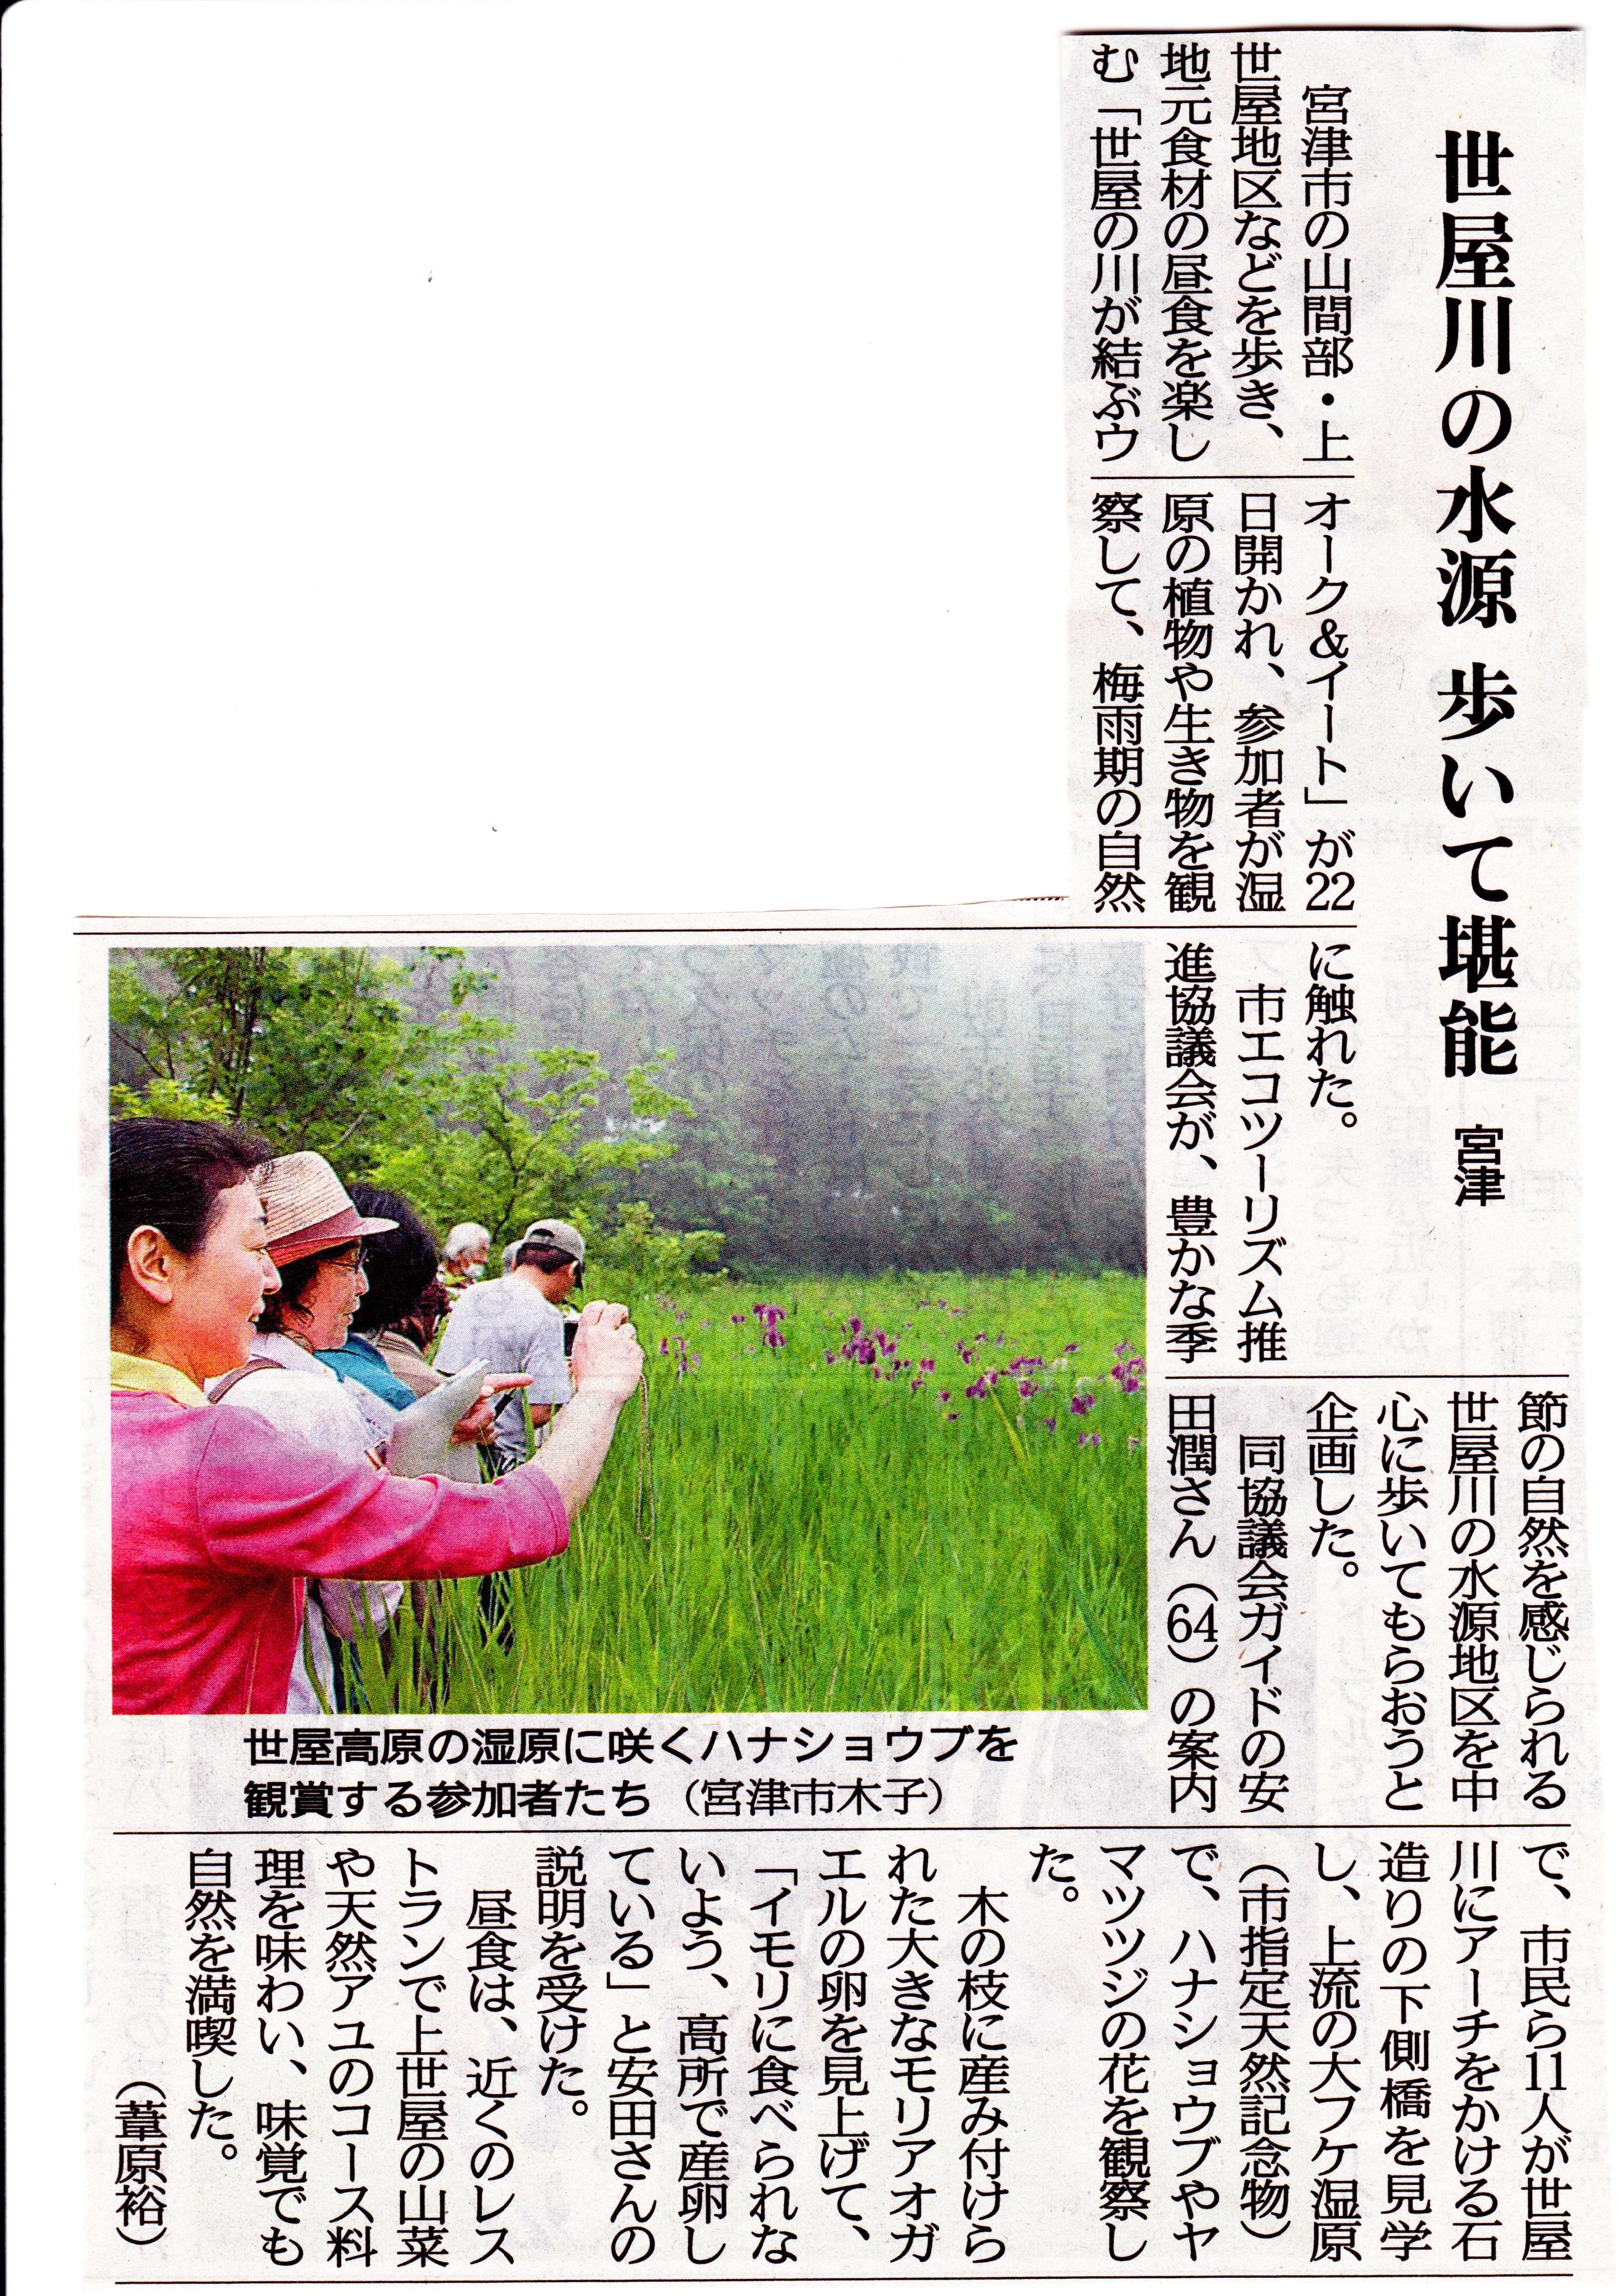 京都新聞記事H25.6.23.